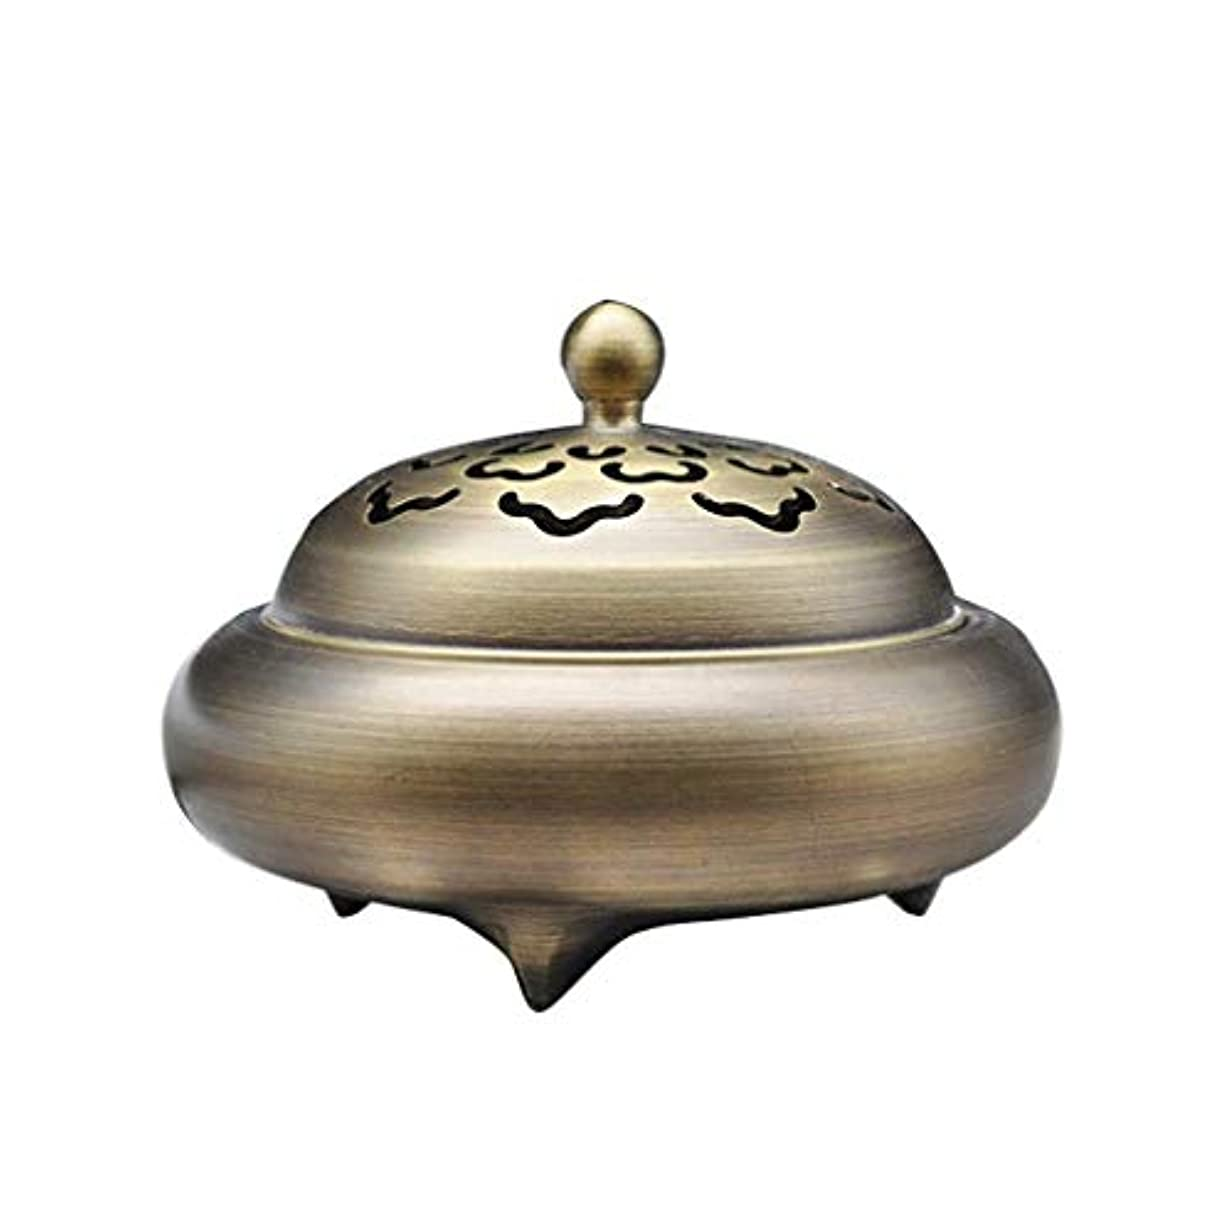 食料品店非難するやむを得ないホームアロマバーナー レトロバーナー純銅香バーナーホーム屋内白檀炉香バーナー香道路装飾 芳香器アロマバーナー (Color : Brass)